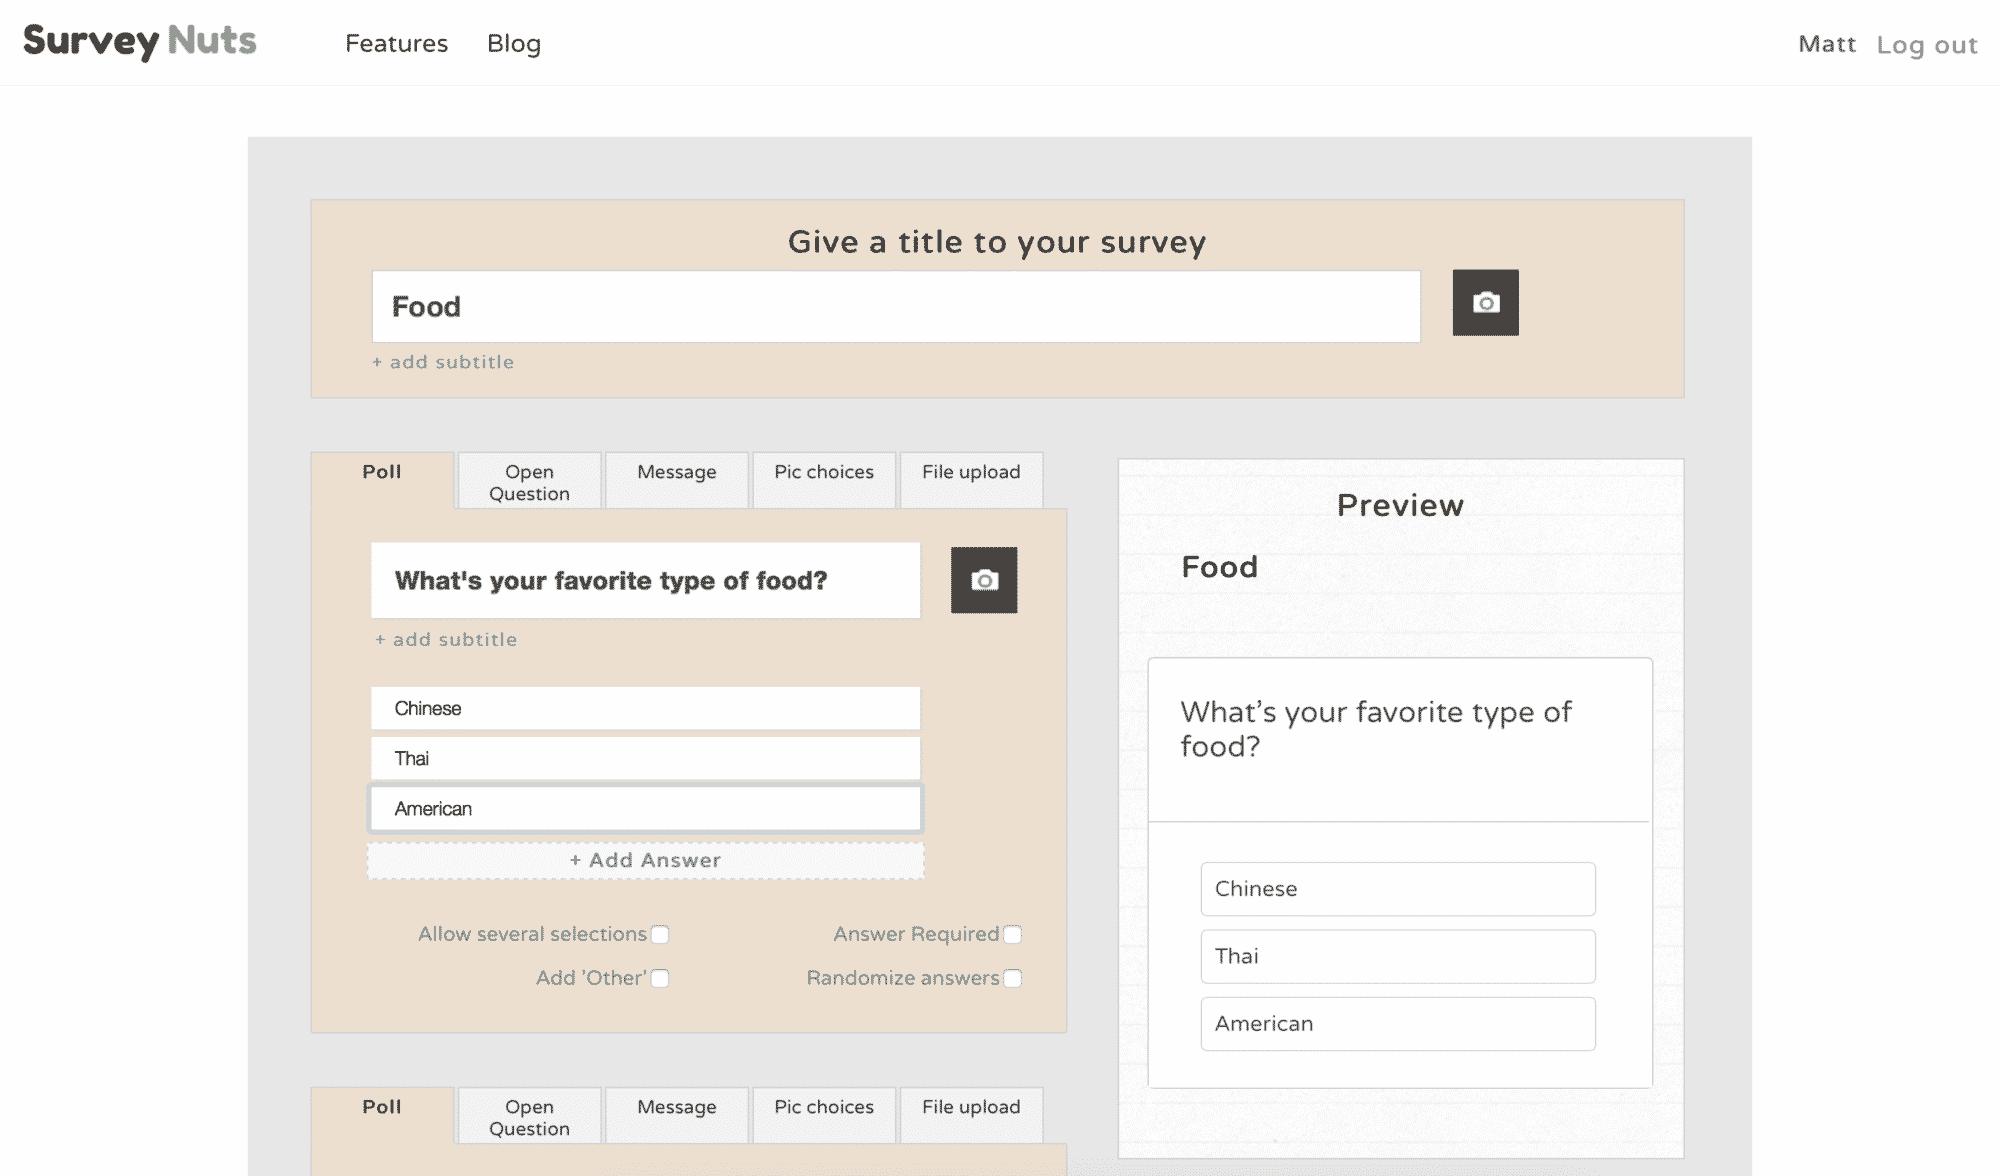 веб дизайн, веб инструменты, инструменты, интернет-маркетинг, опросы